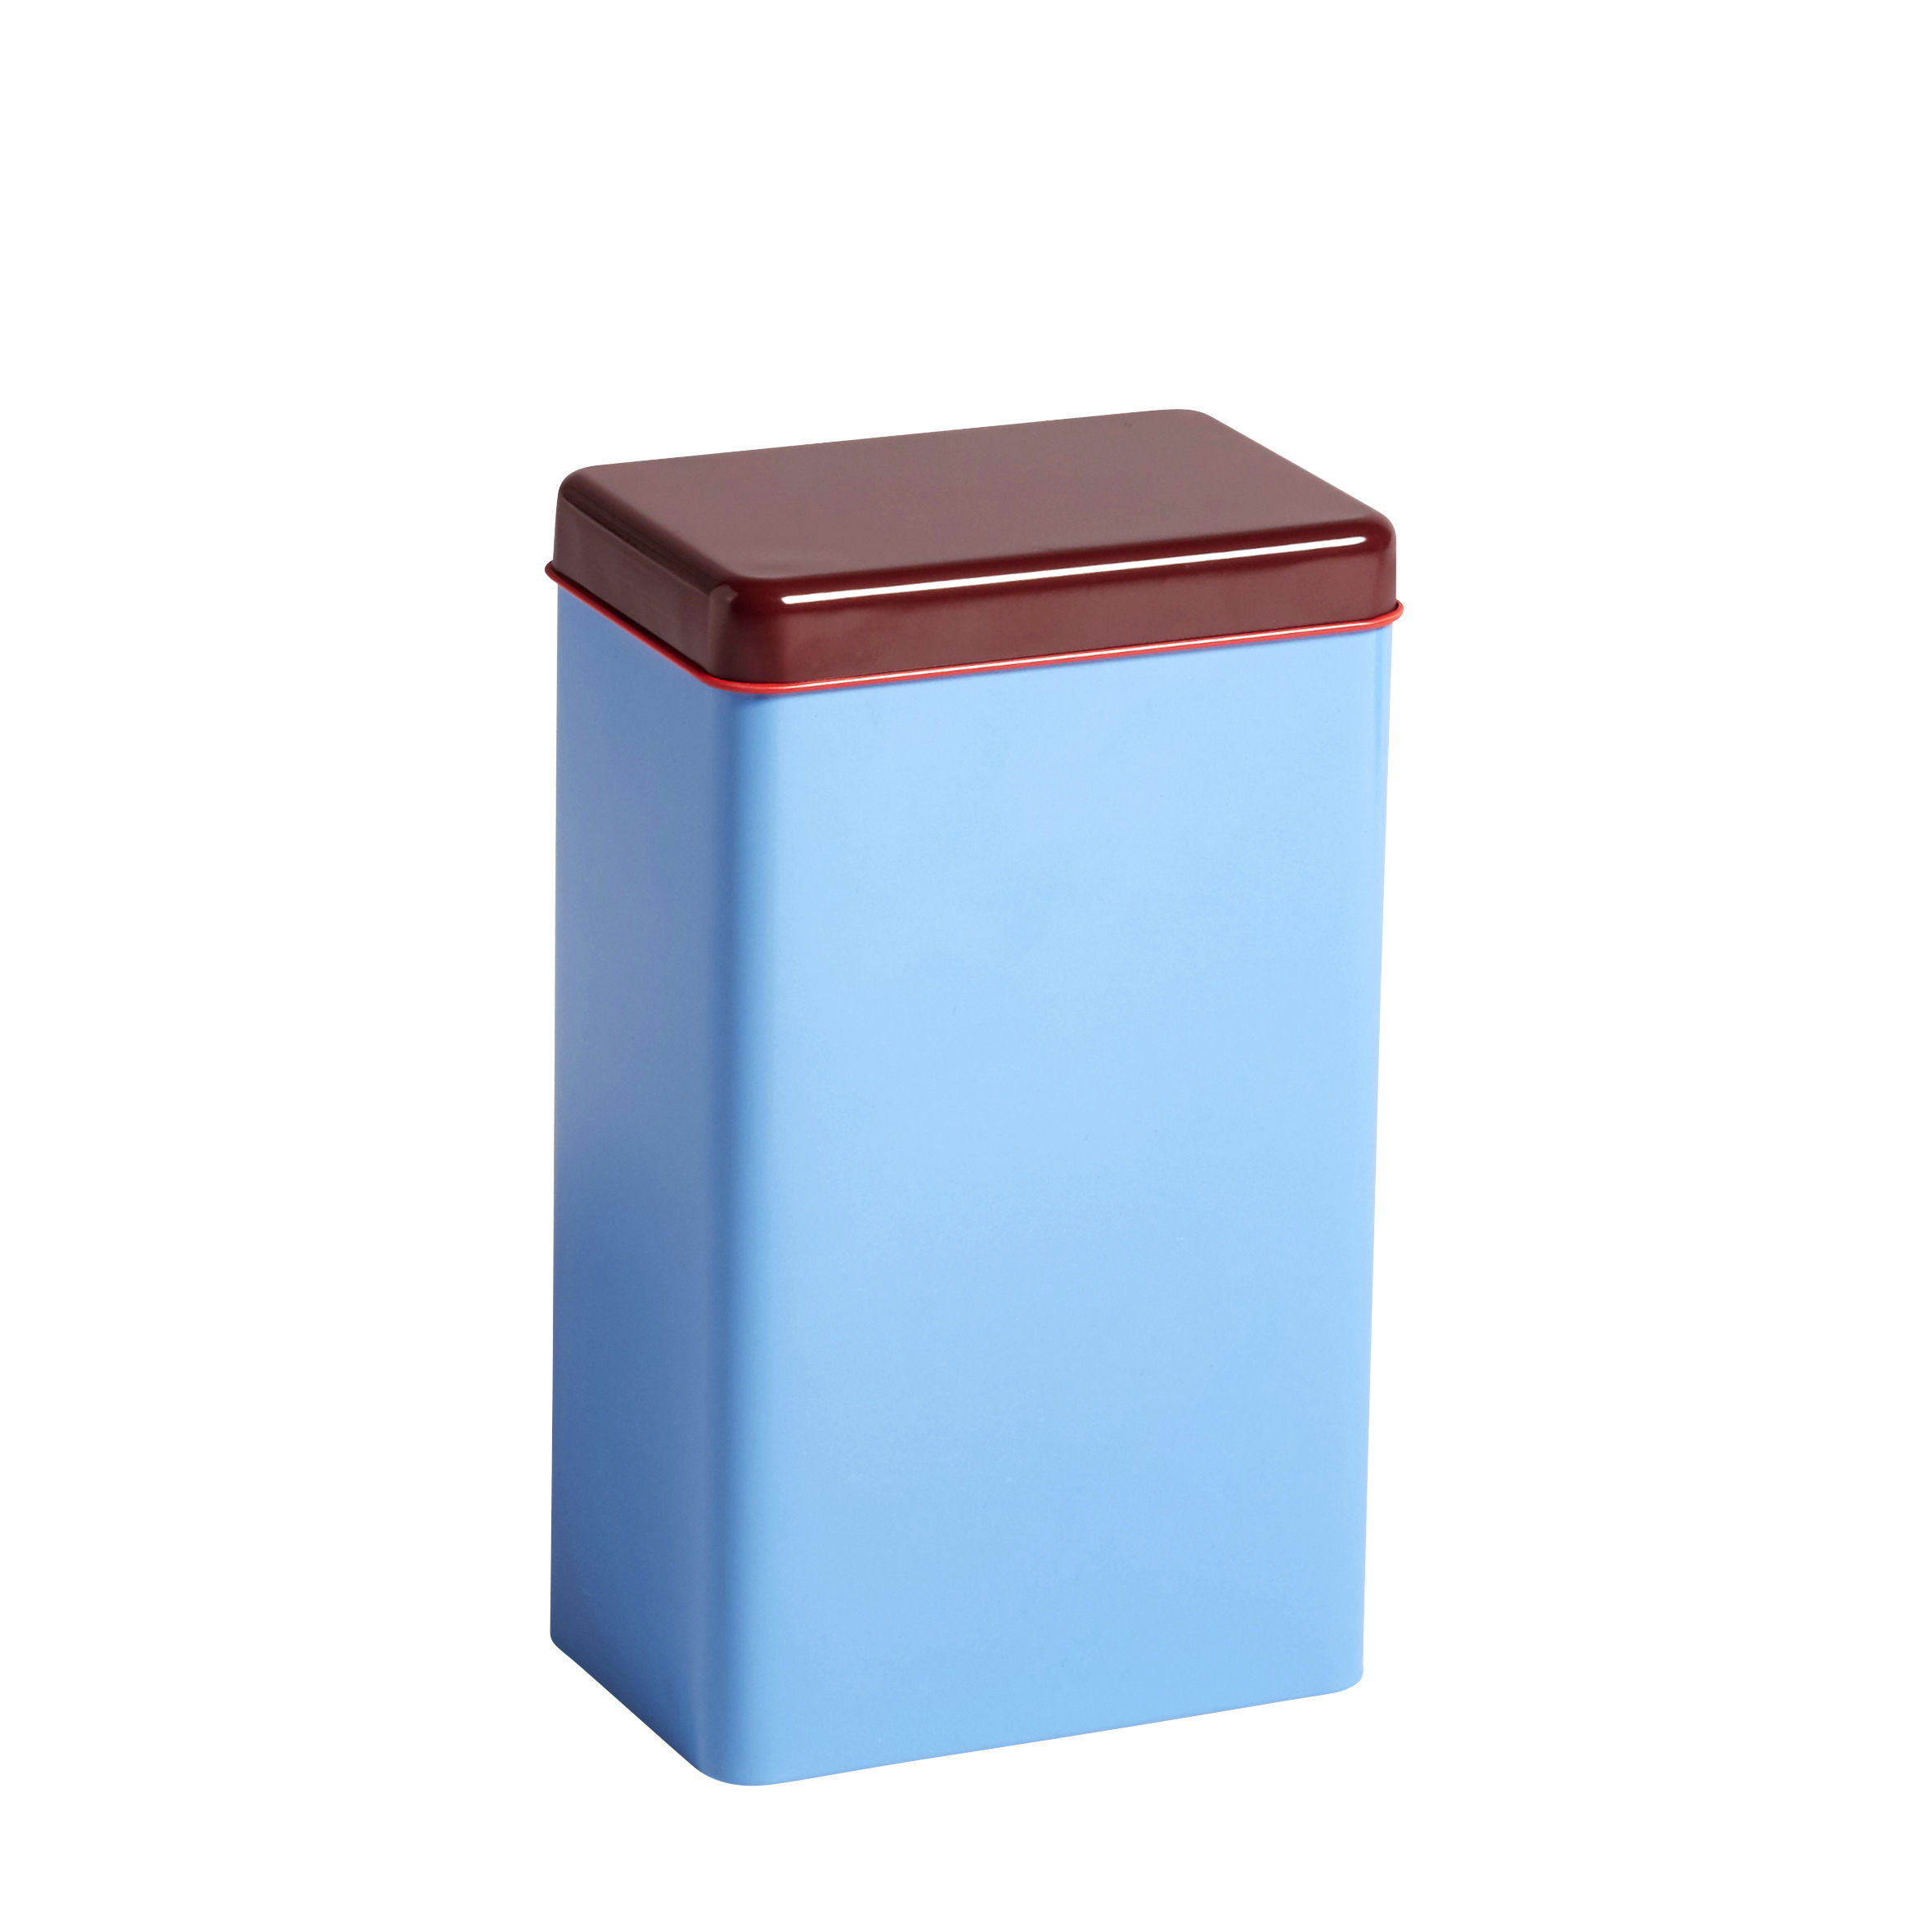 Cucina - Lattine, Pentole e Vasi - Contenitore ermetico Sowden - / H 20 cm - Metallo di Hay - Blu - Ferro bianco